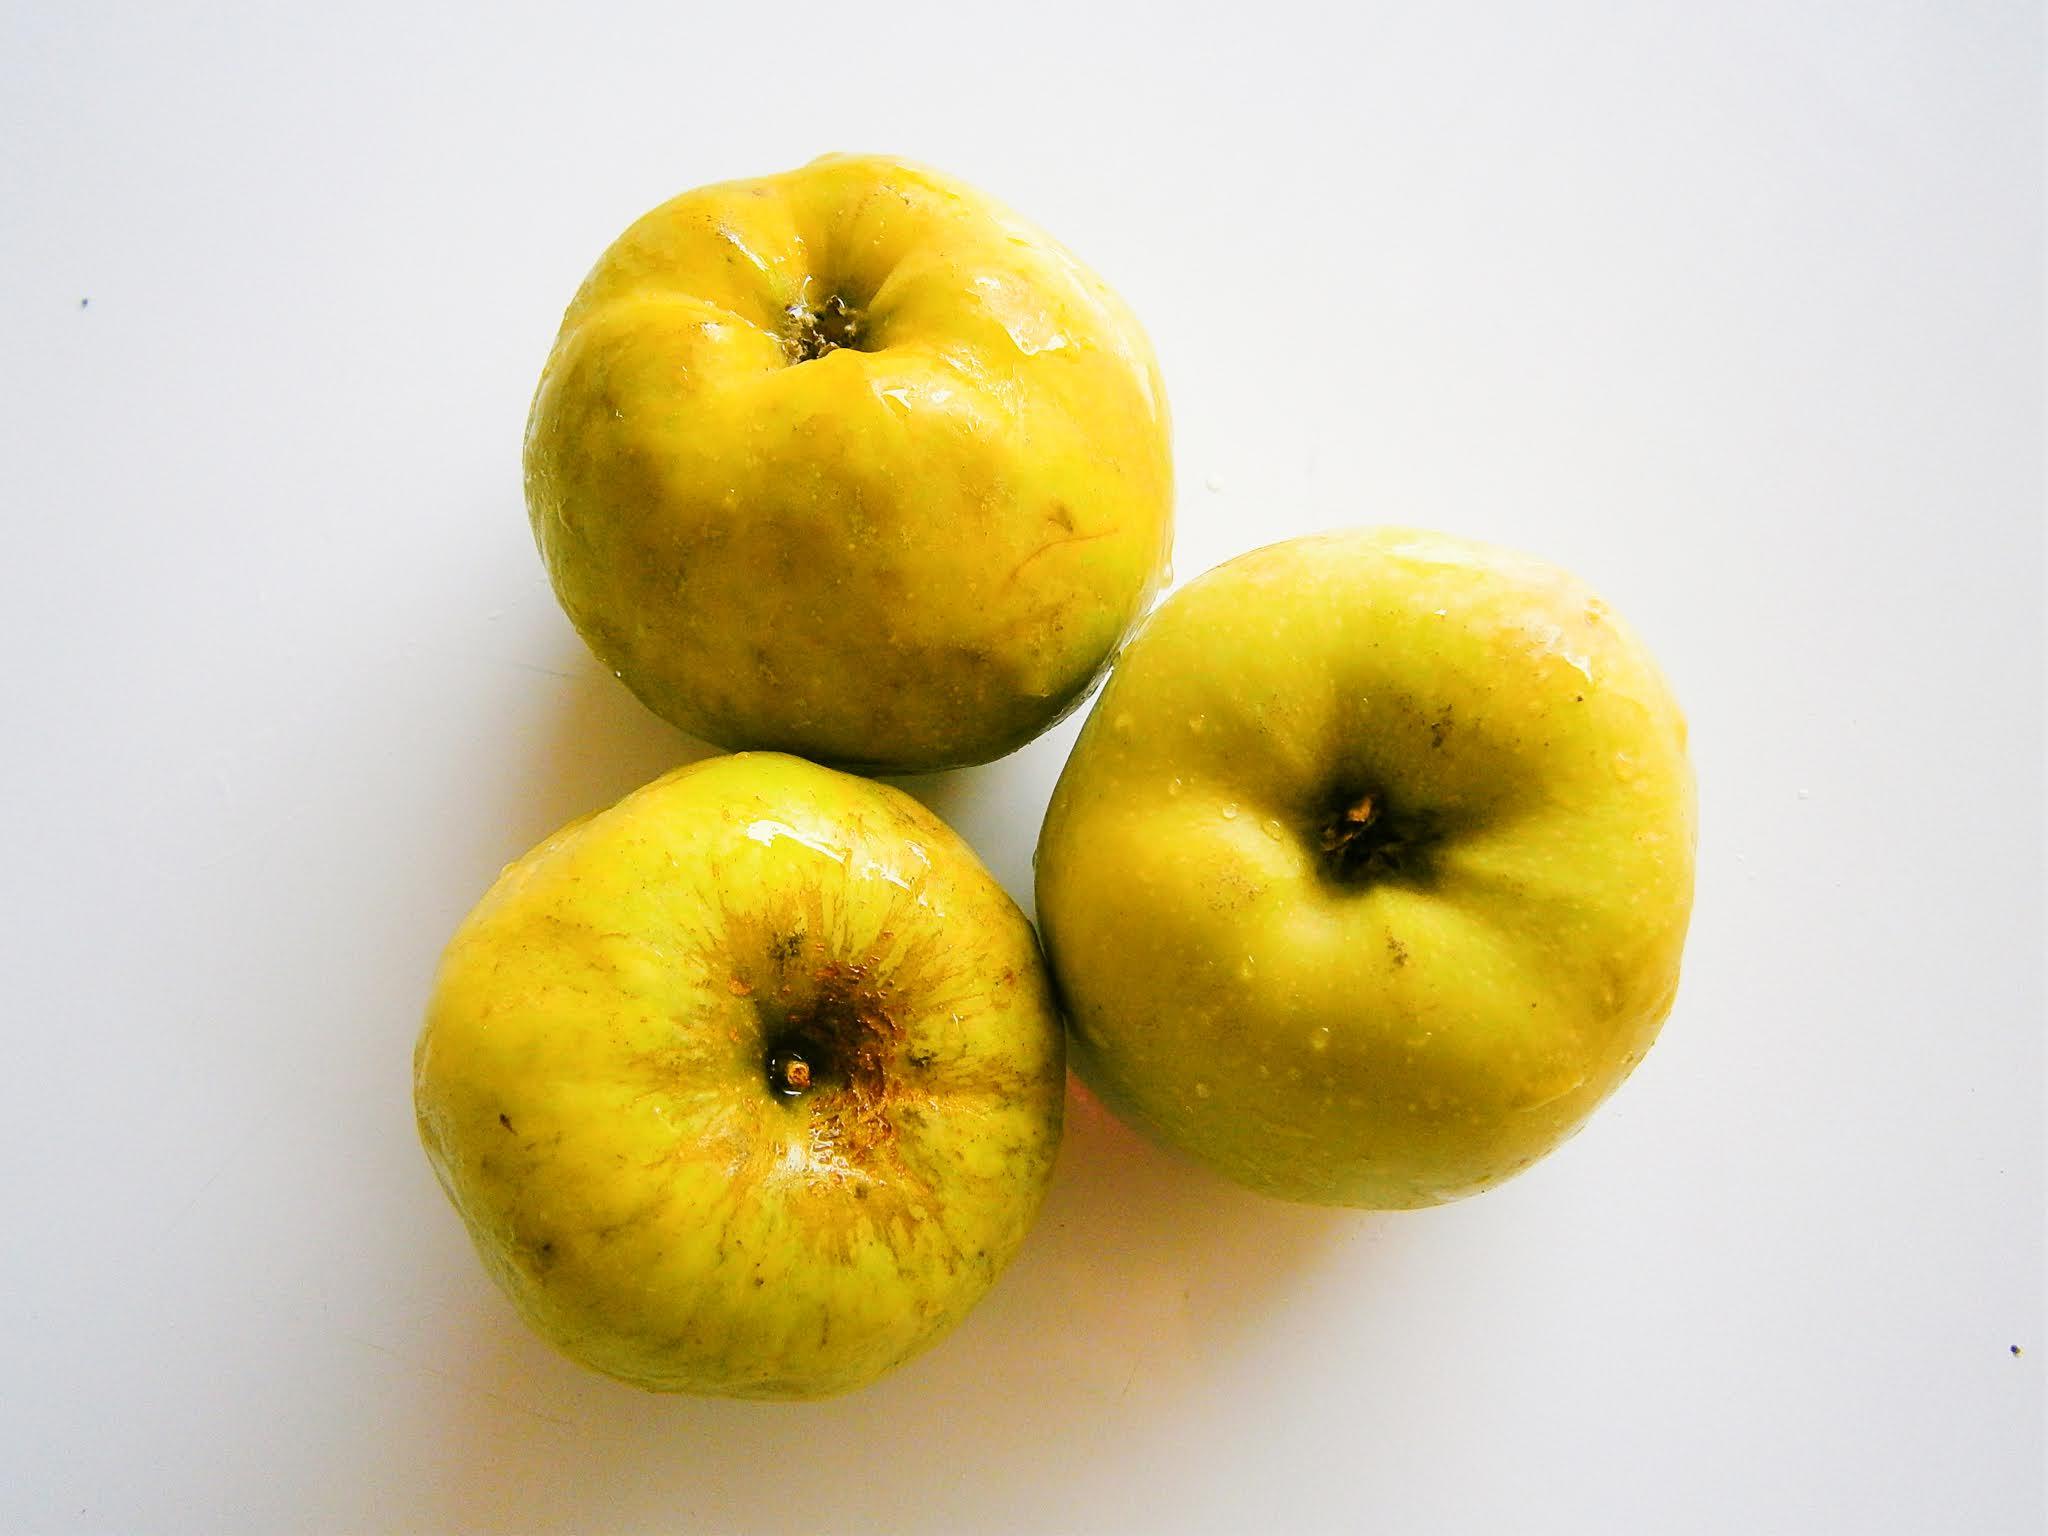 Manzanas verdes sostenidos de una mano y de fondo de color blanco